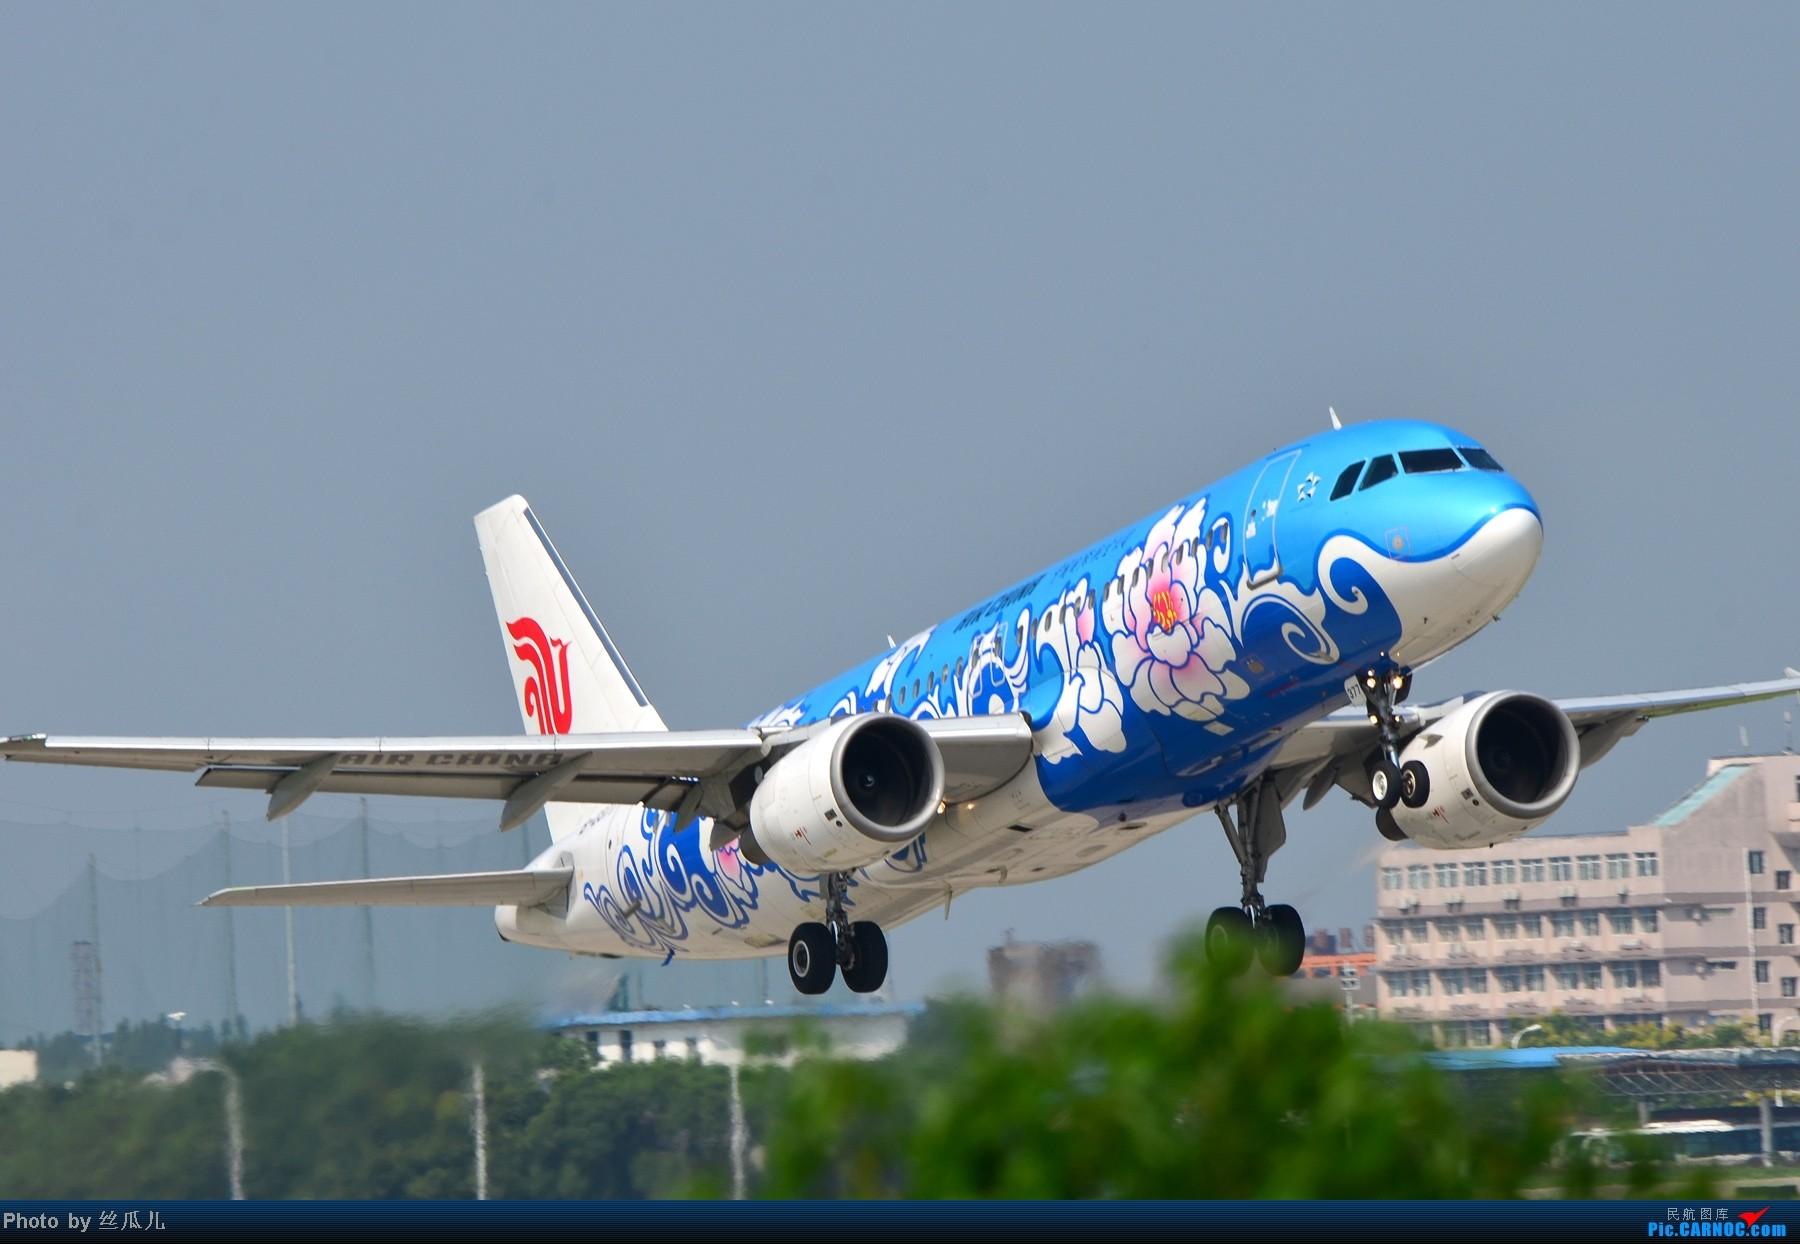 [原创]难得一见的干净,HGH的干净天空、擦航的干净飞机,两者均属人间奇迹 AIRBUS A320-200 B-2377 中国杭州萧山机场